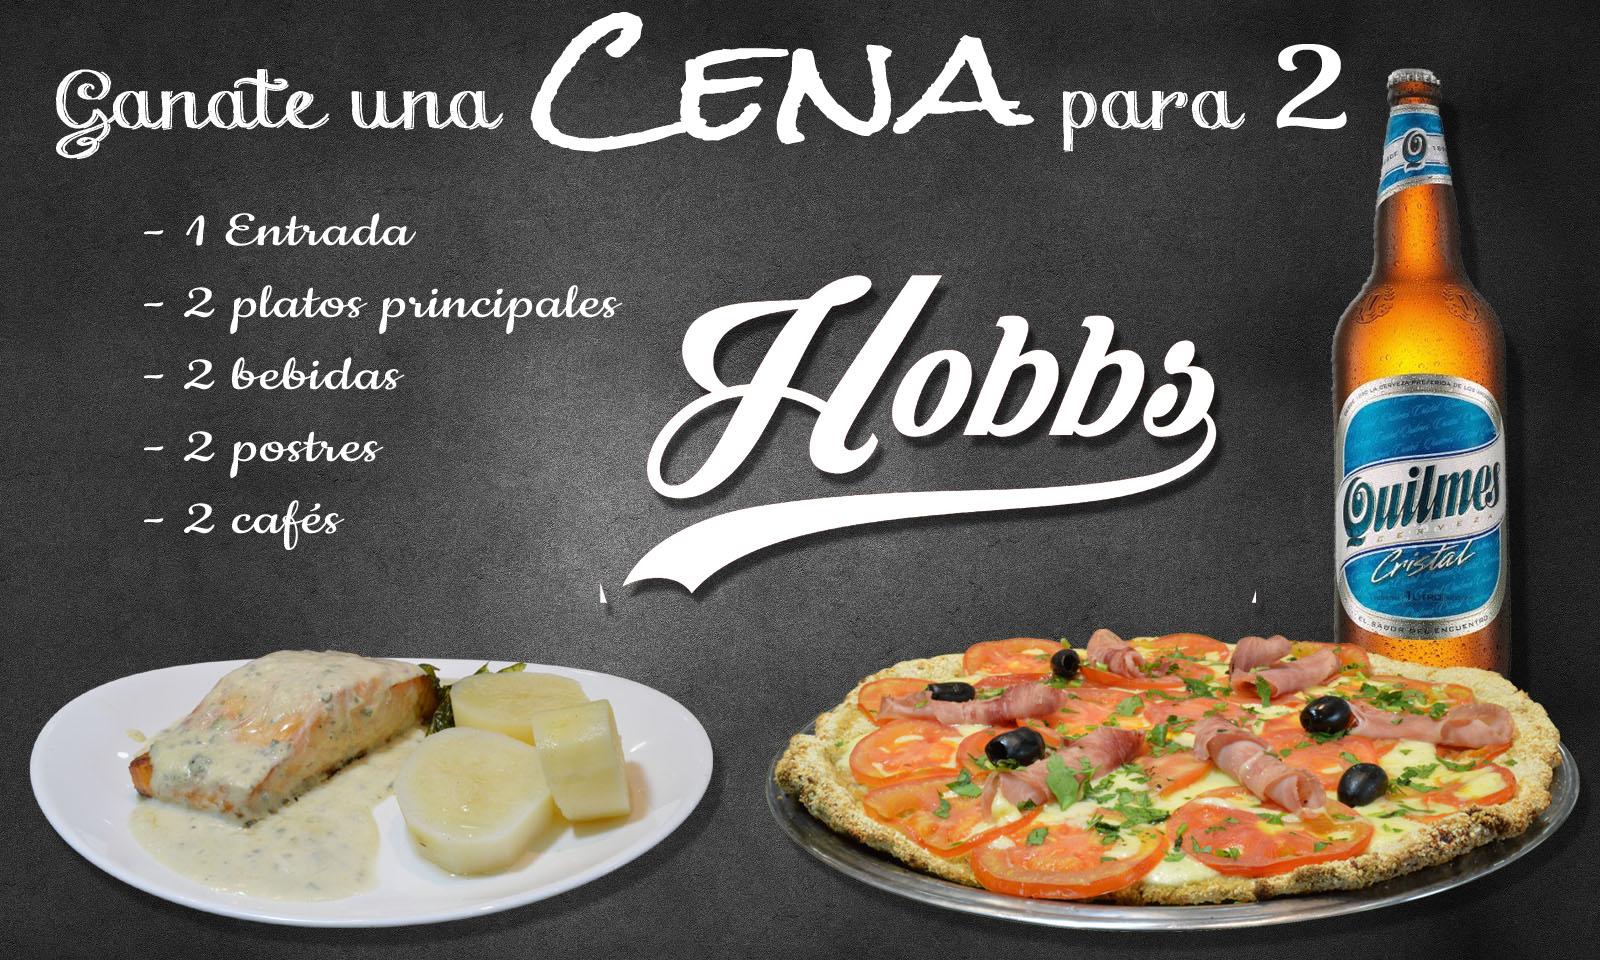 hobbs Restaurante Palermo Envio a Domicilio, Delivery Online, Bar, Café, Pizza, Pastas, Mariscos